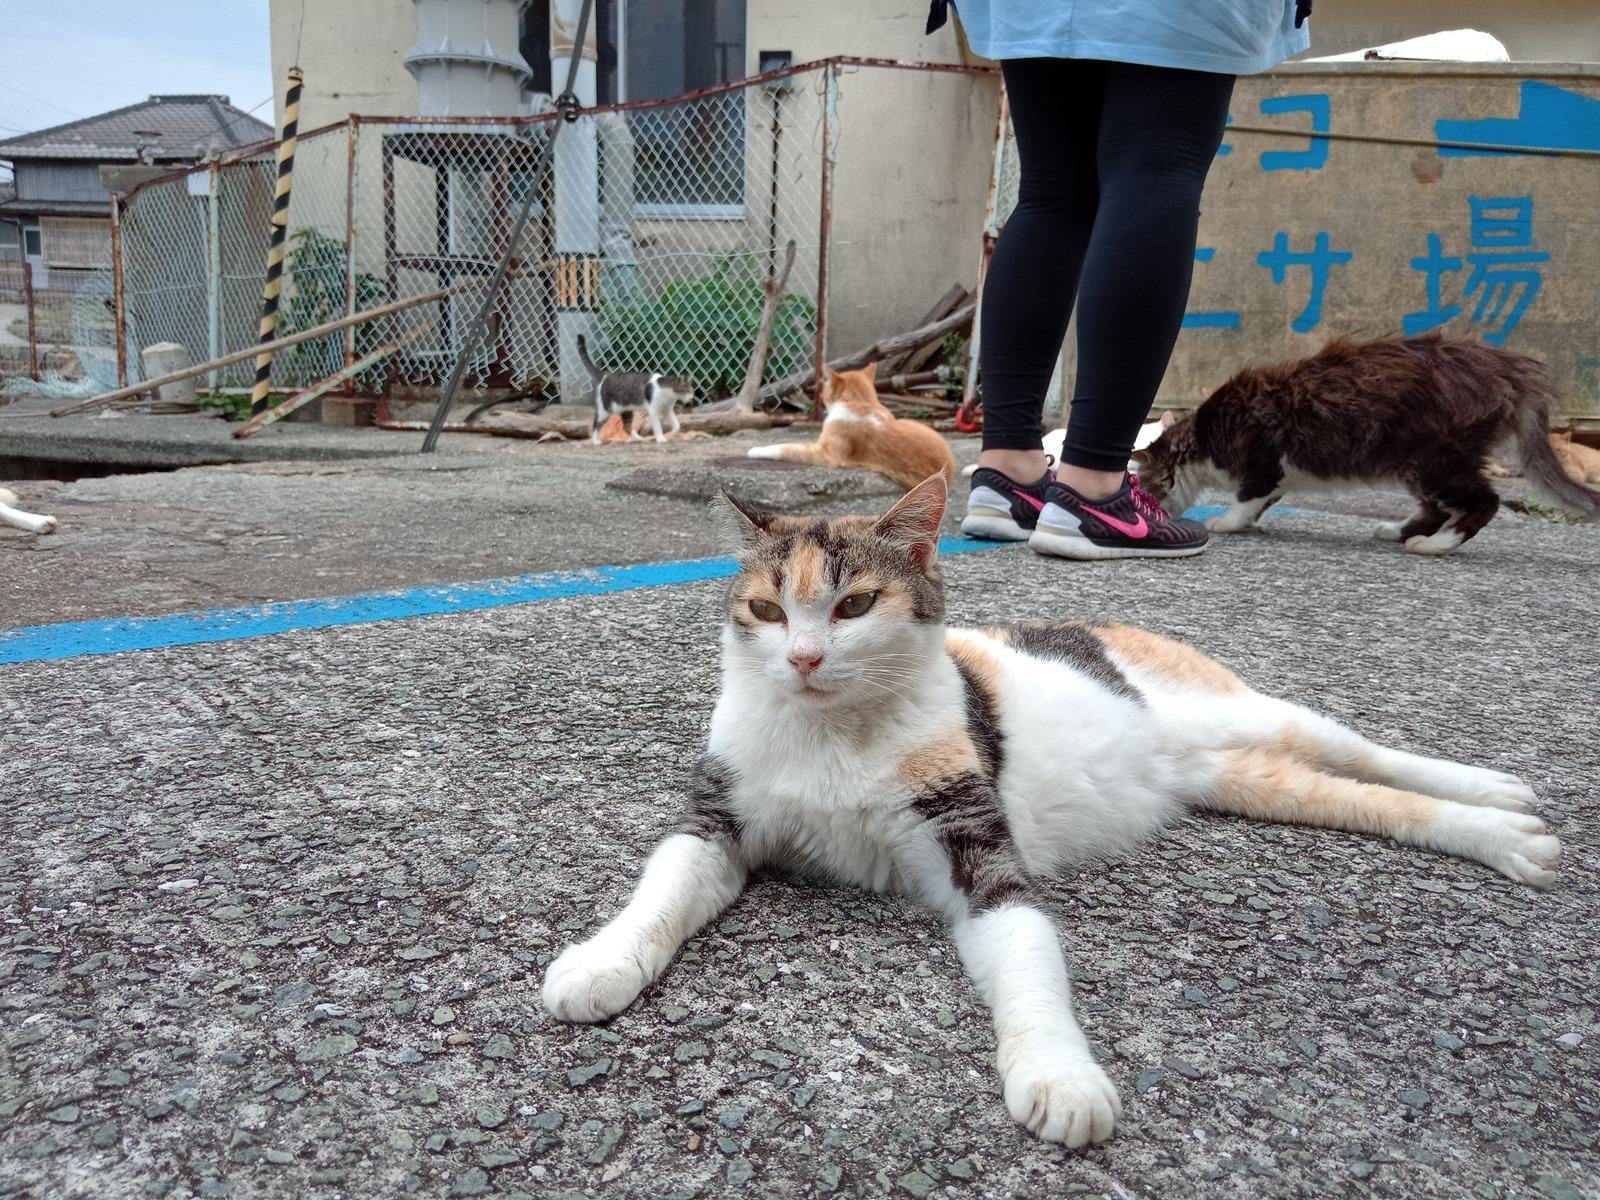 滿滿的貓貓貓貓!HTC Desire 19+ 挑戰日本著名貓島『青島』!實拍分享+旅行攻略貓貓 @3C 達人廖阿輝